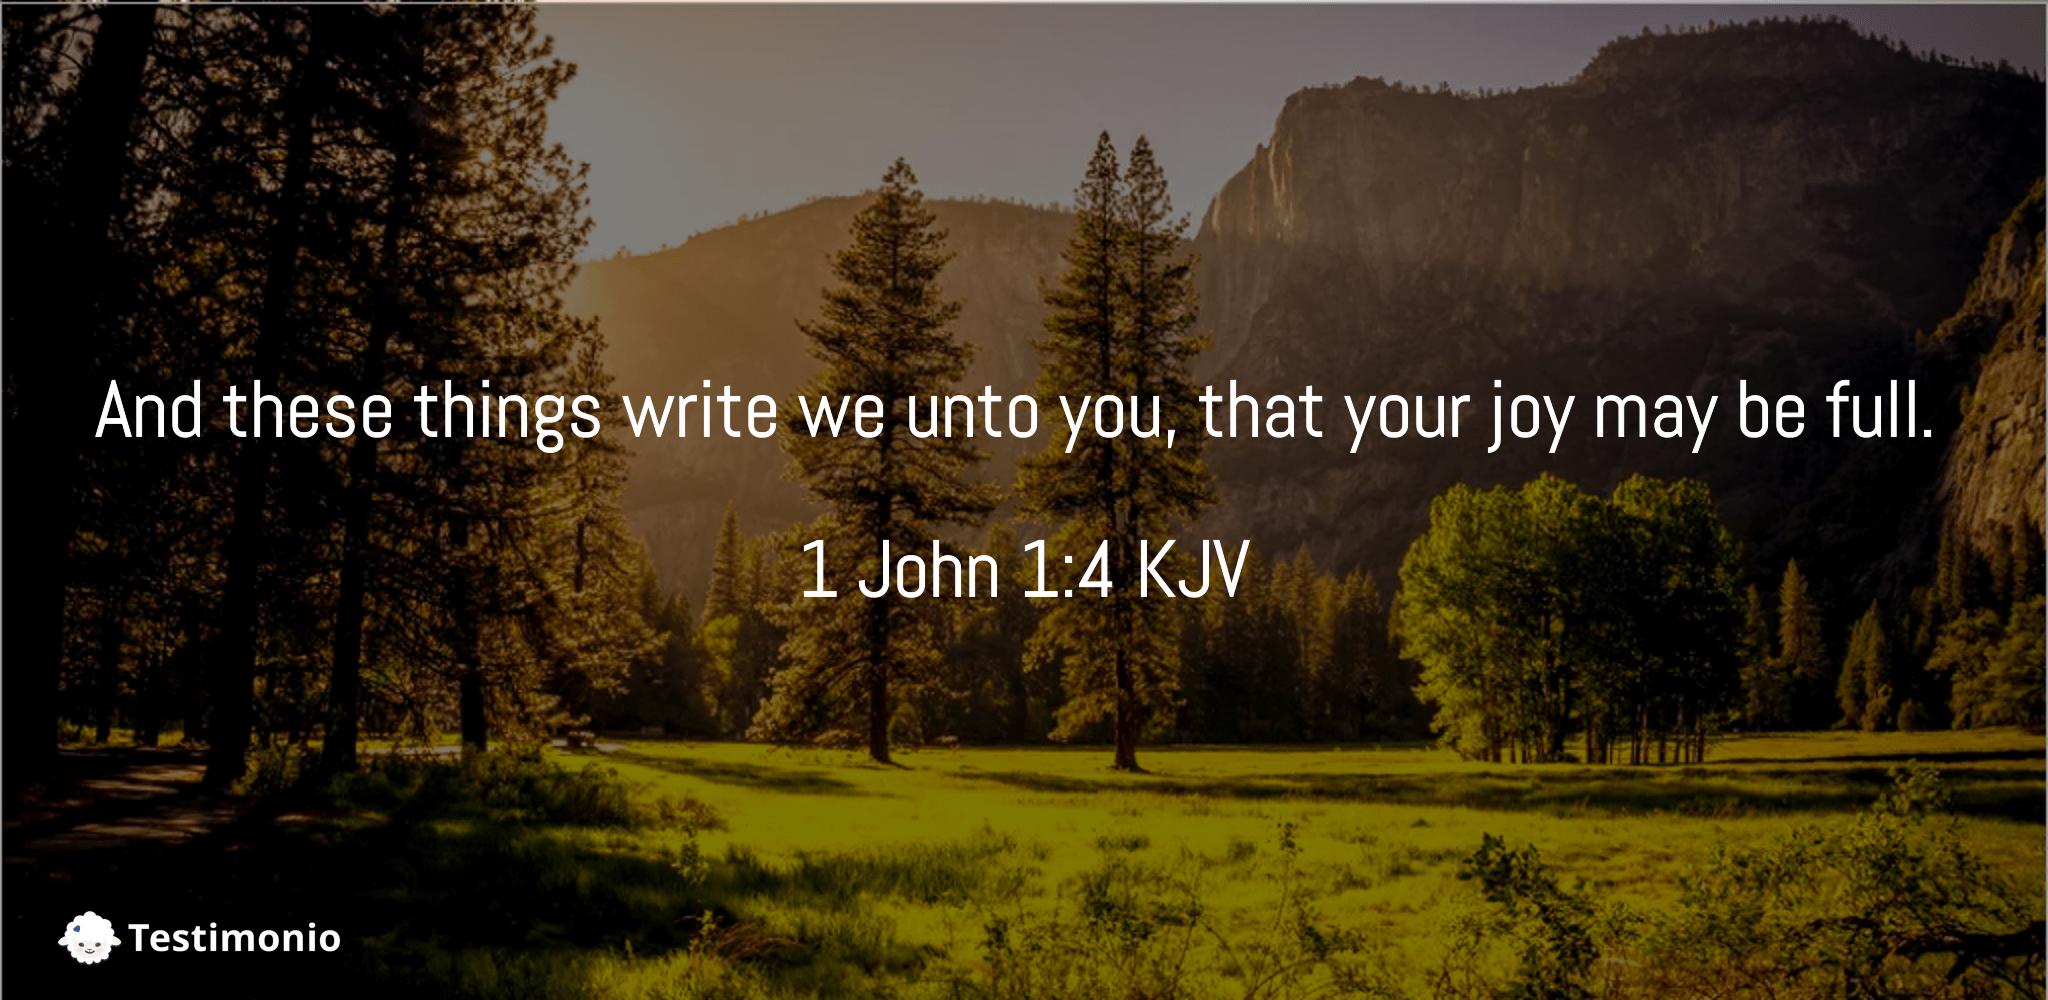 1 John 1:4